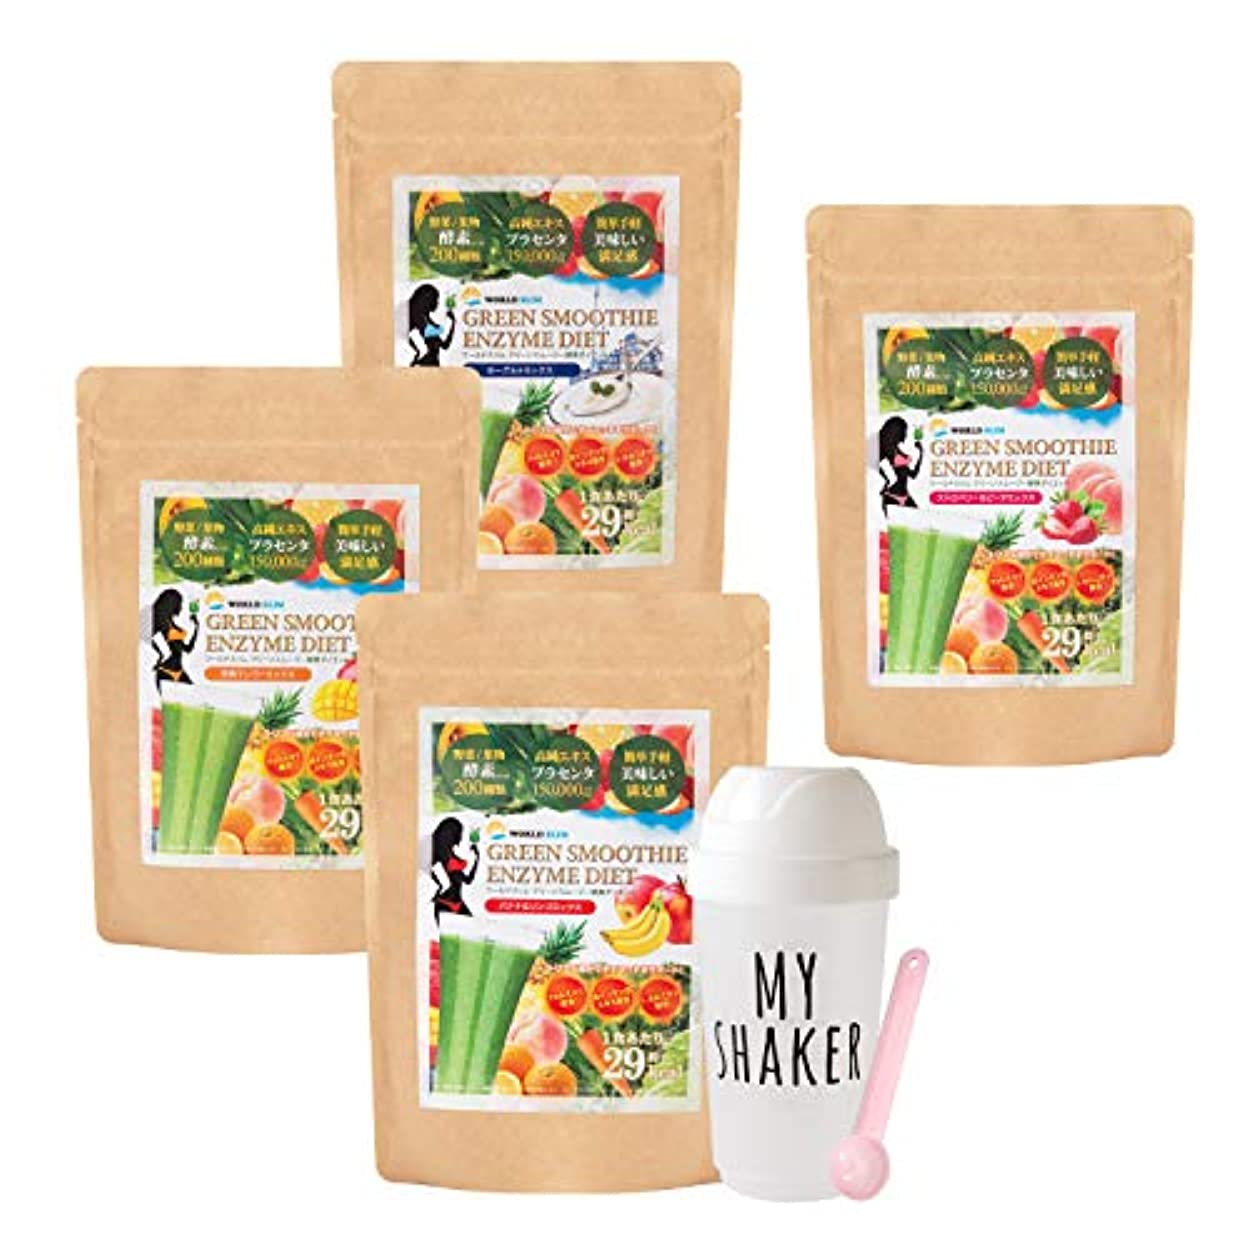 キャッチさておき効能【選べるグリーンスムージー3個セット】ワールドスリムグリーンスムージー酵素ダイエット3袋セット World Slim Green Smoothie Enzyme Diet (E.バナナ/ヨーグルト/マンゴー, グリーンスムージー...